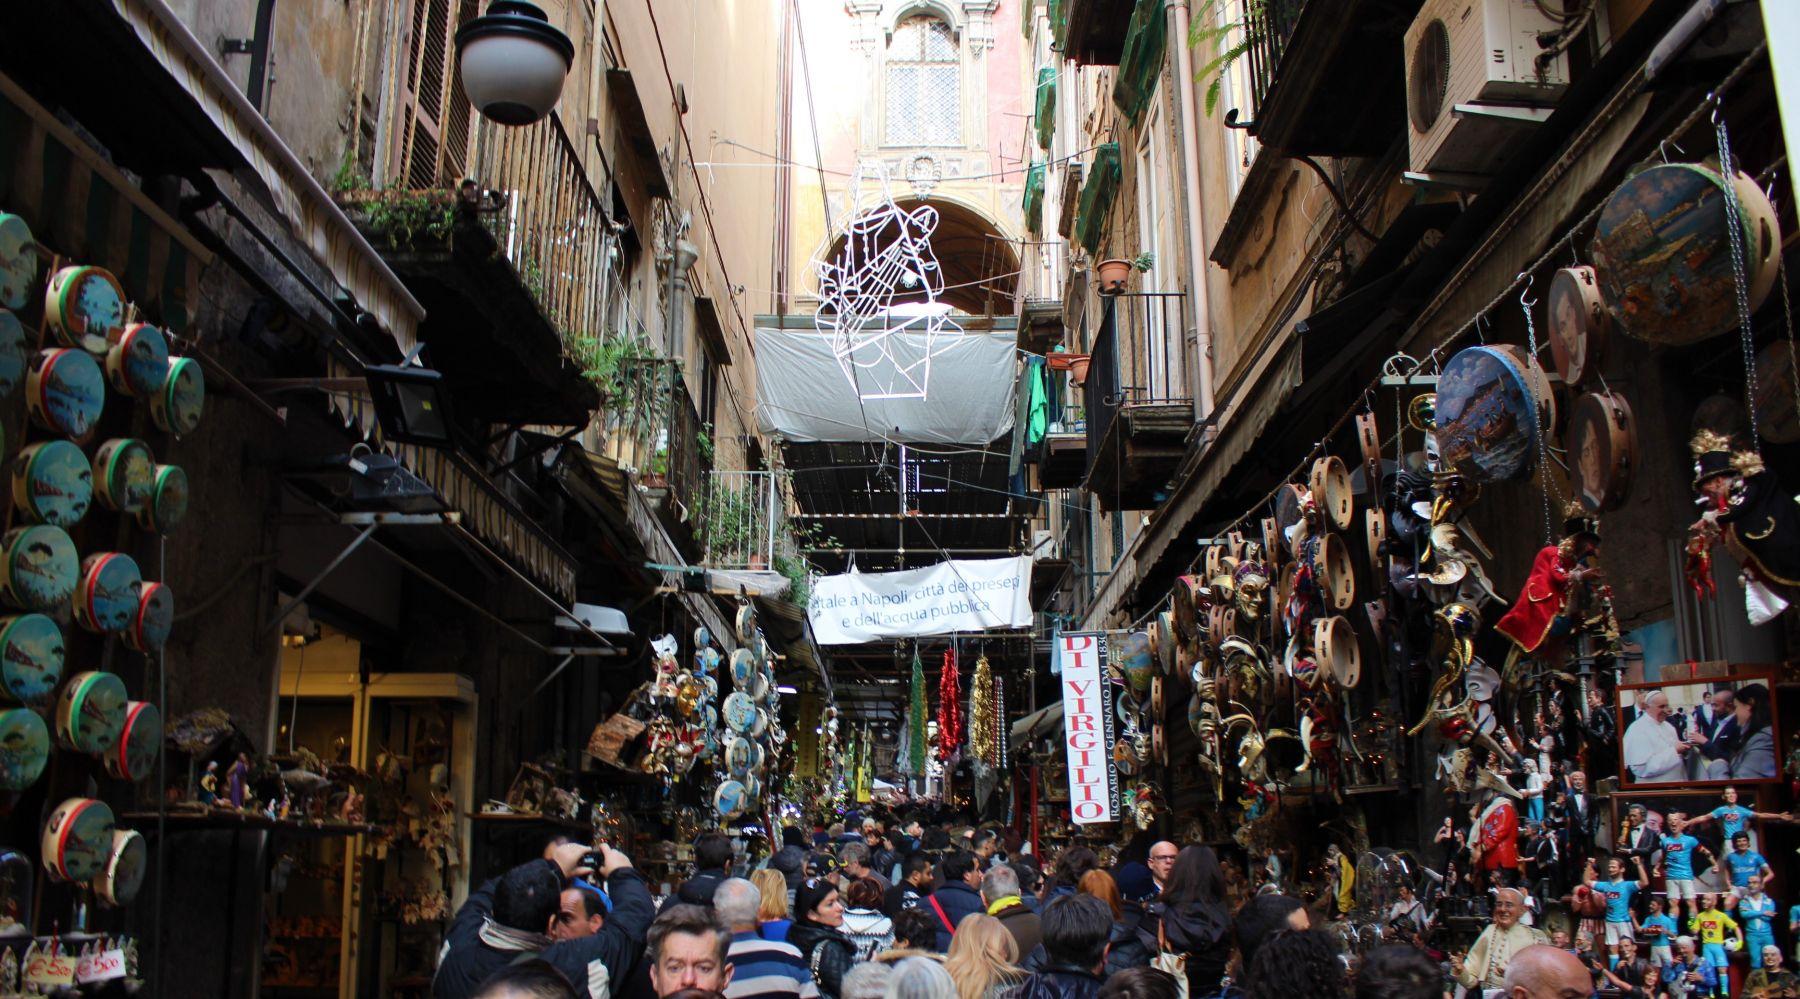 Immagini Di Napoli A Natale.Cosa Vedere A Napoli I Mercatini Di Natale Di San Gregorio